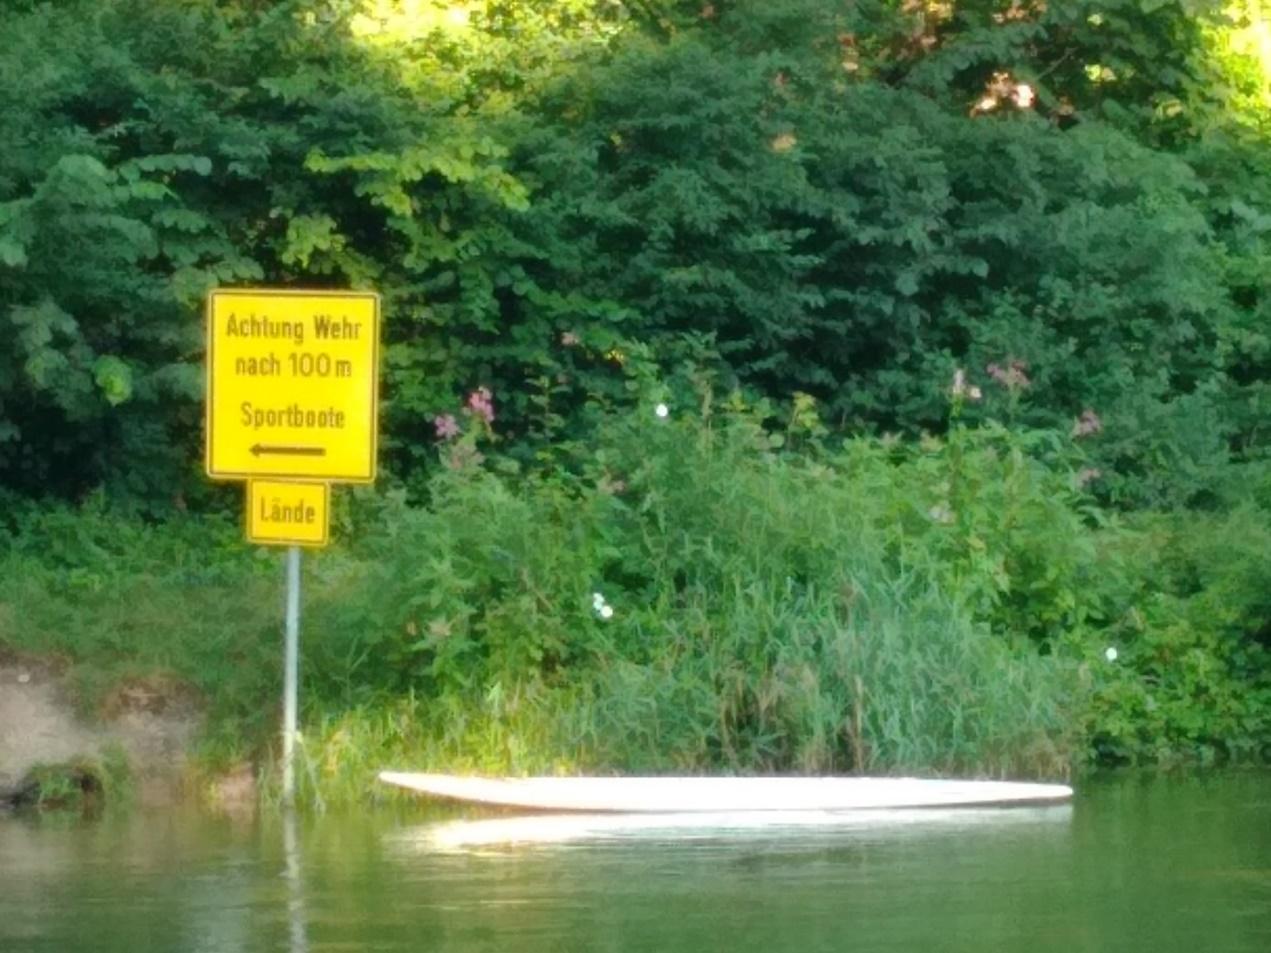 Ein Bild, das draußen, Wasser, Gras, Schild enthält.</p> <p>Automatisch generierte Beschreibung